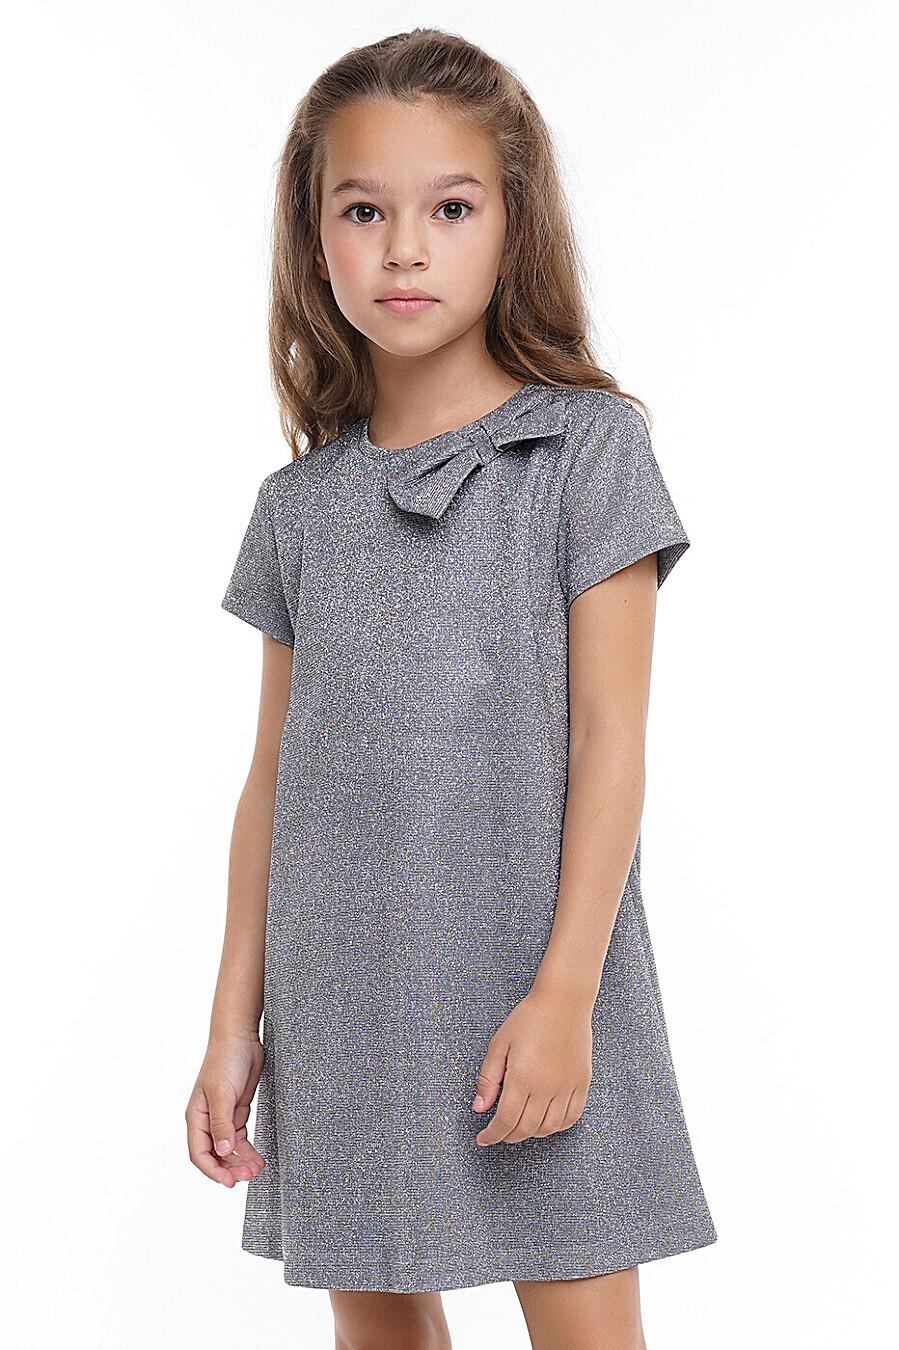 Платье для девочек CLEVER 272917 купить оптом от производителя. Совместная покупка детской одежды в OptMoyo